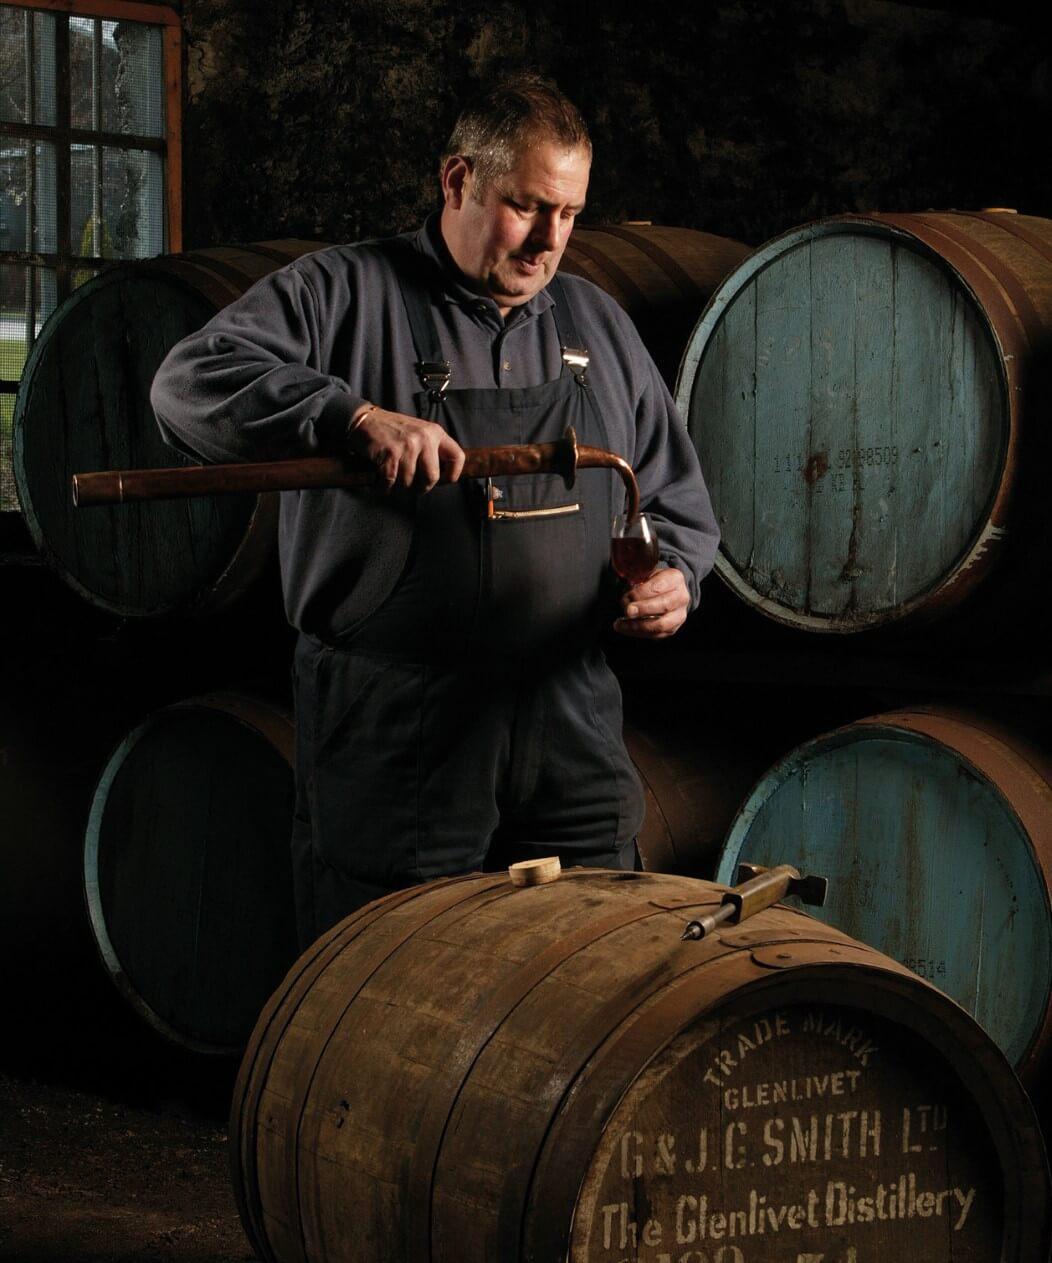 Filling casks at the Glenlivet Distillery